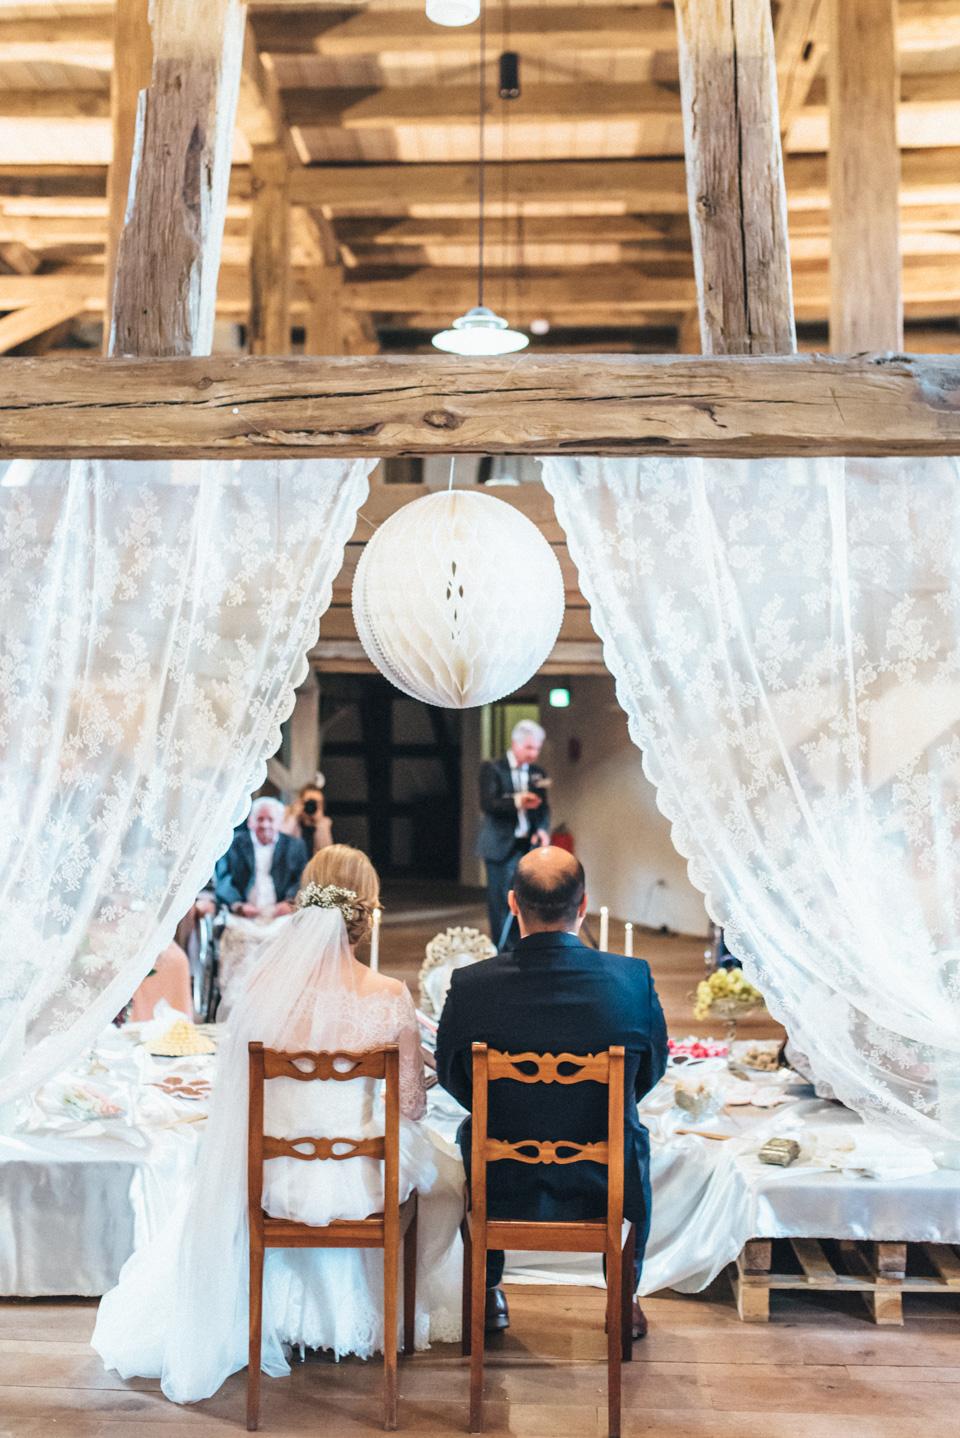 diy-wedding-bayern-128 Isabell & Tomaj Vintage DIY Hochzeit in Bayerndiy wedding bayern 128